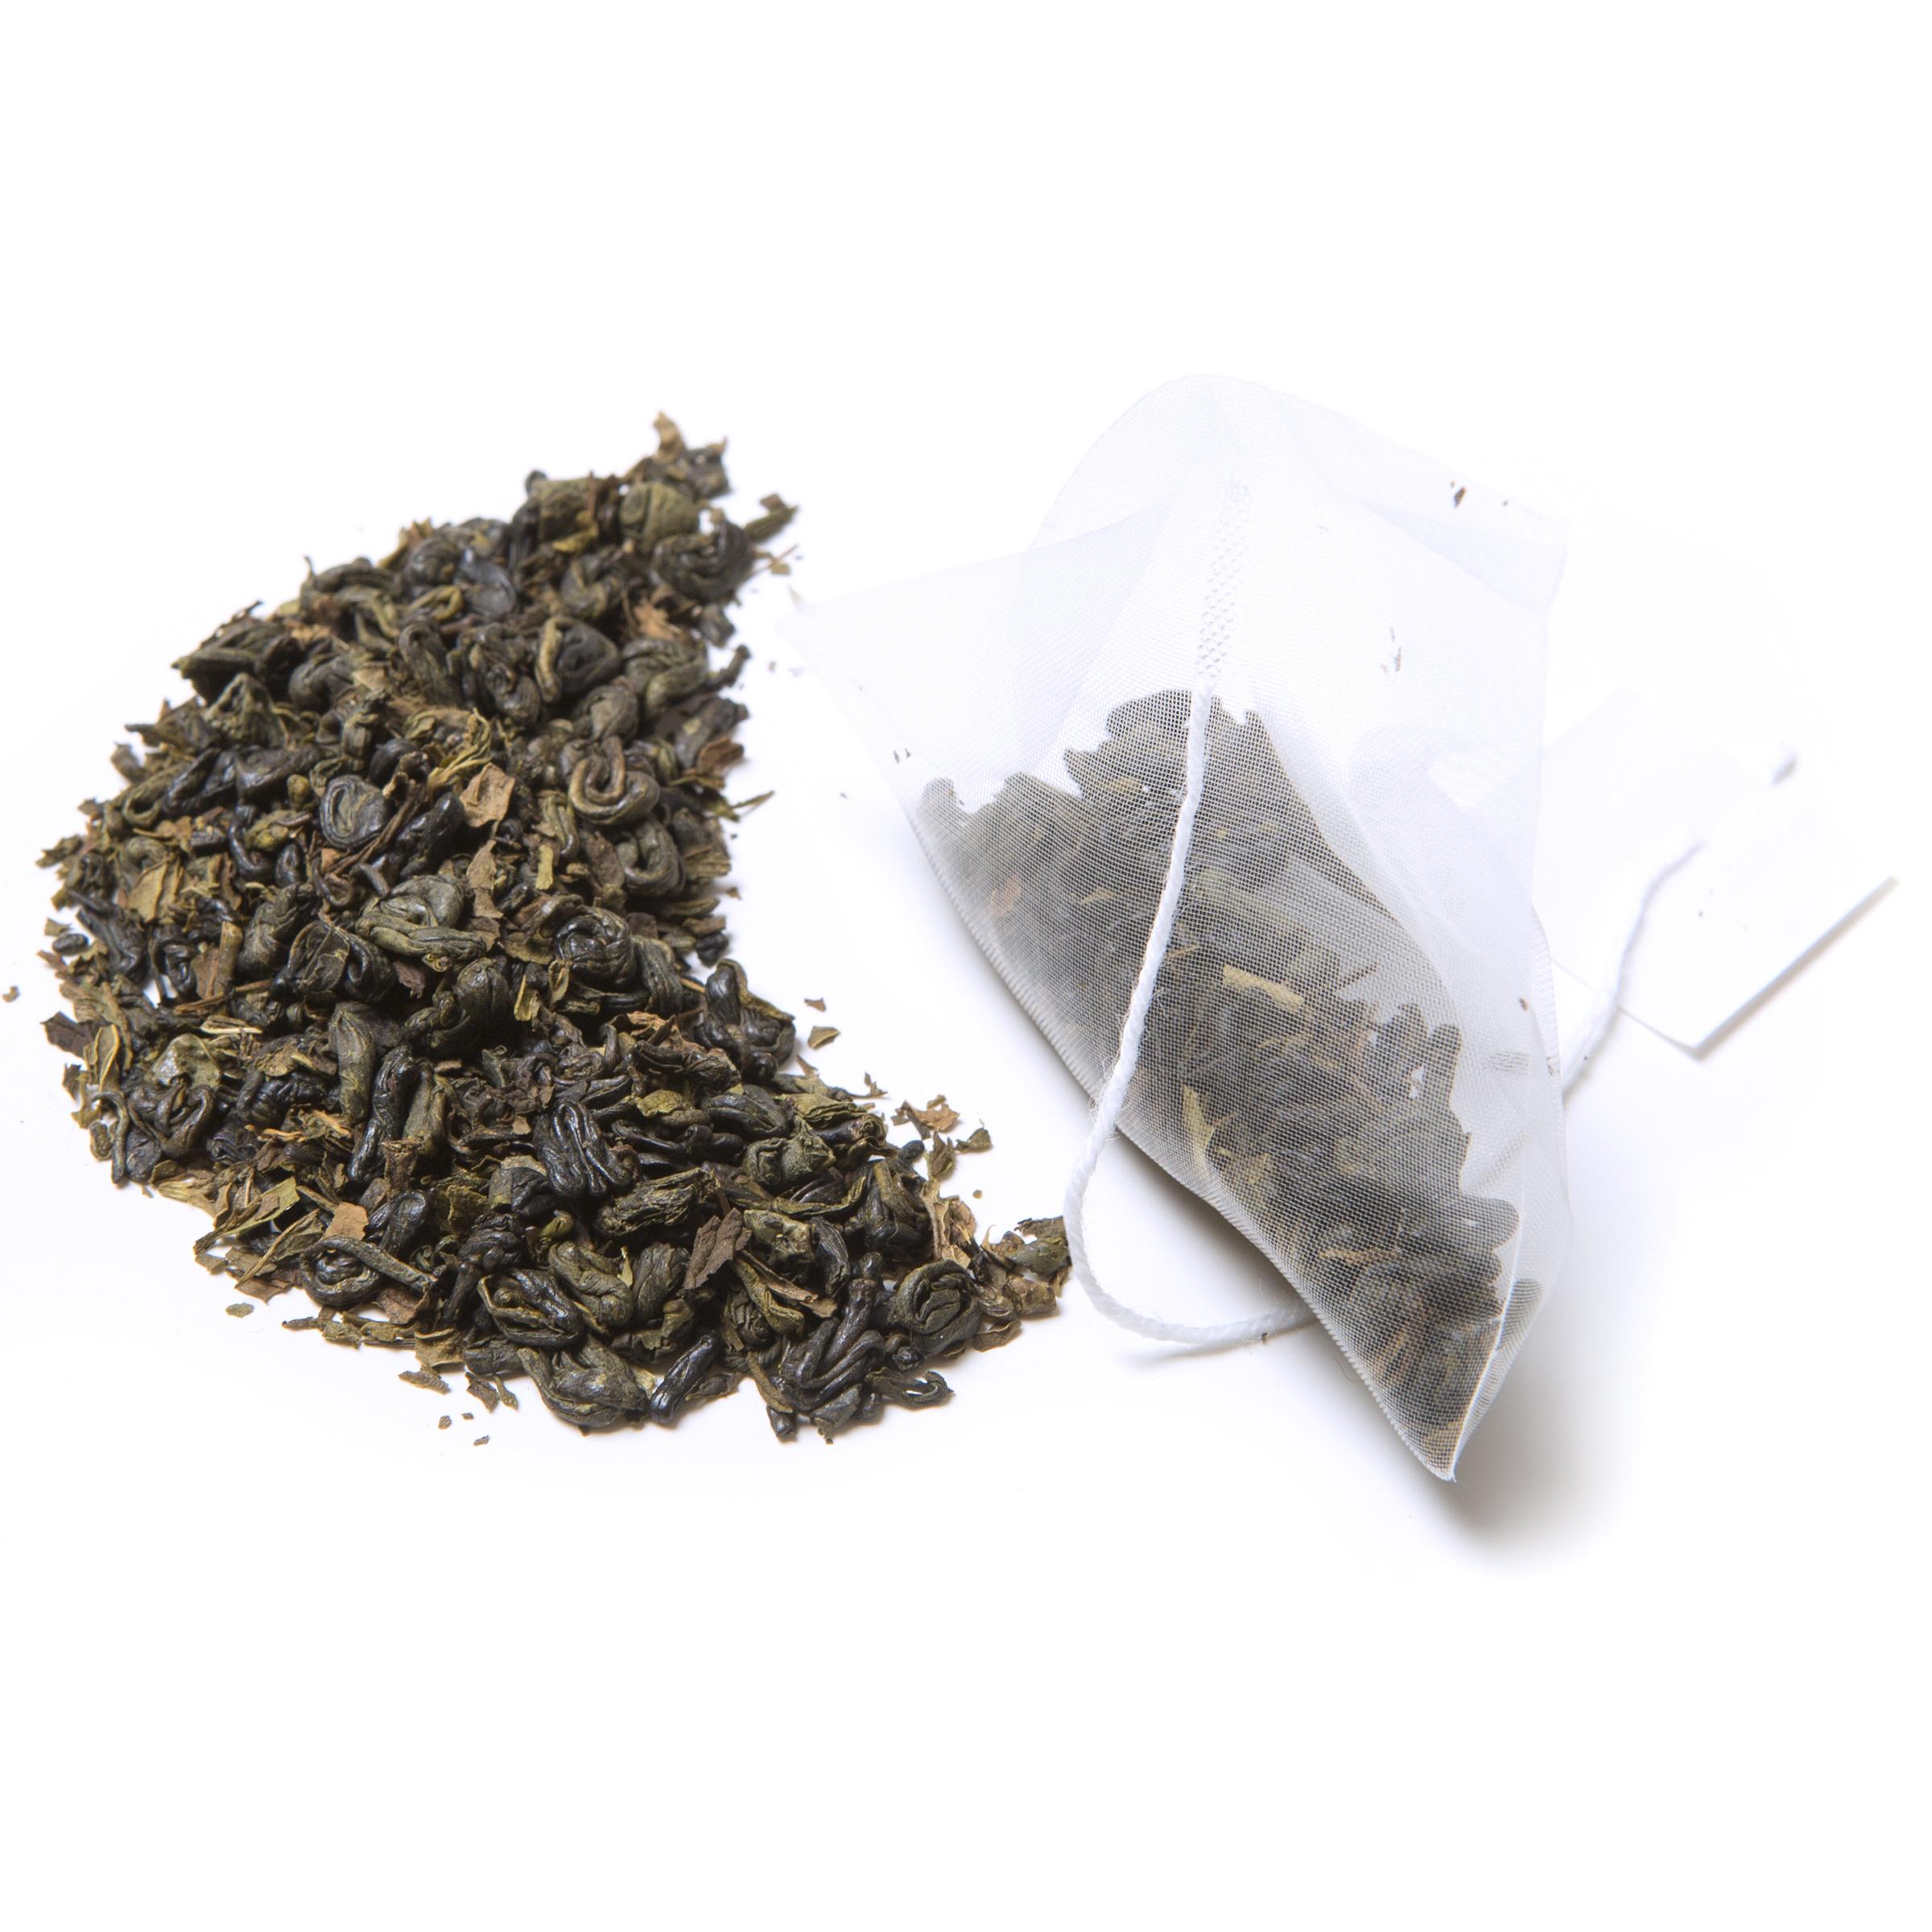 Moroccan Mint Tea 19950